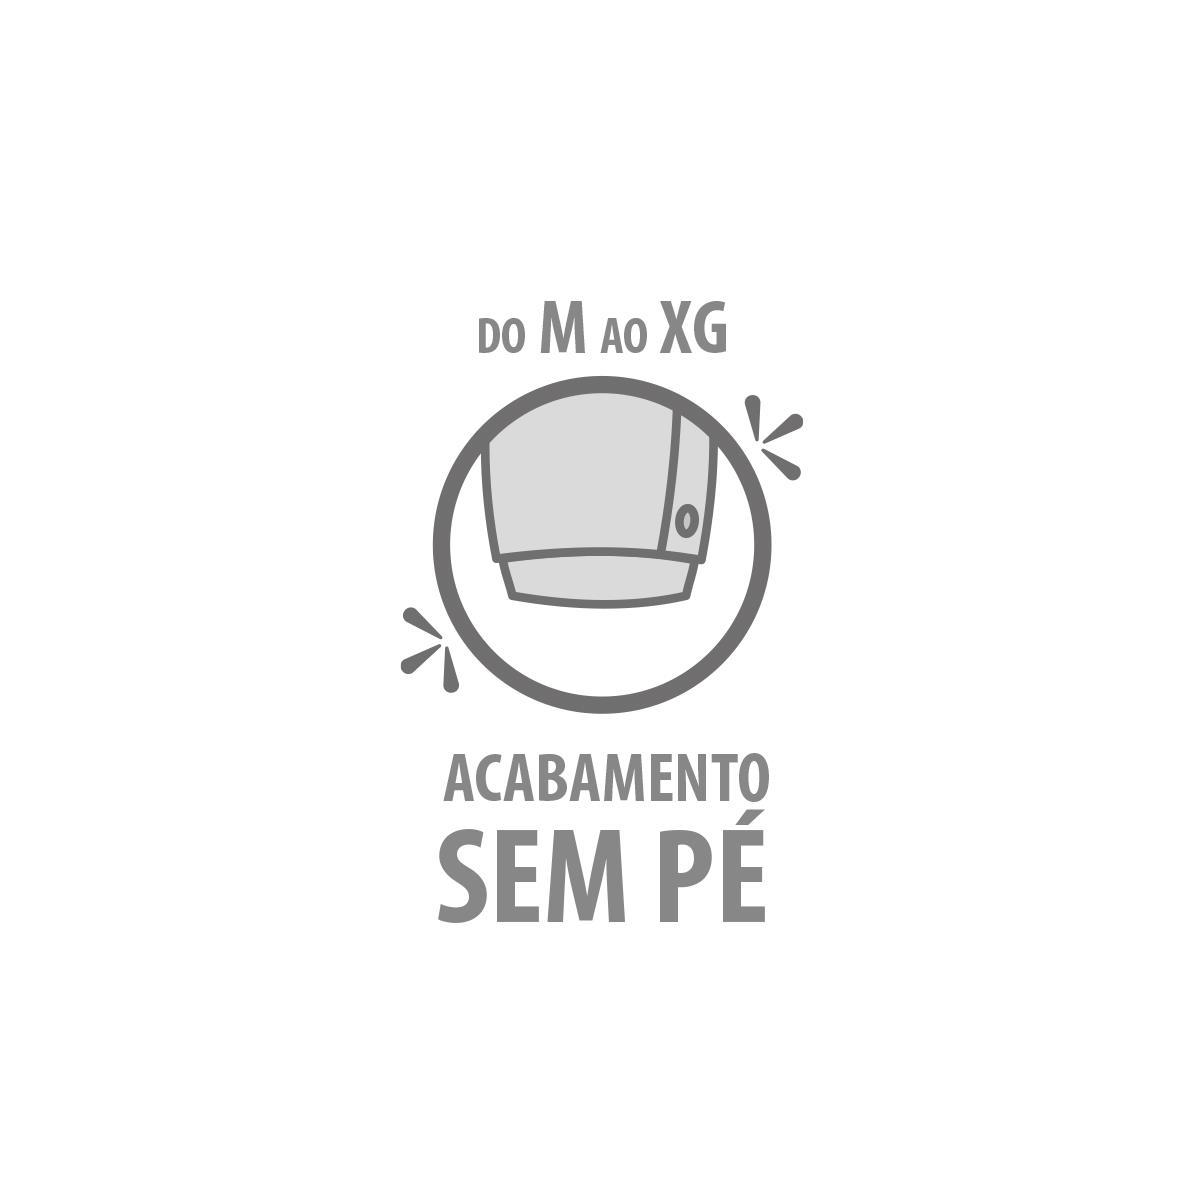 Macacão Soft Coalinha - Tamanhos RN e P com pezinho; M, G e XG sem pezinho  - Piu Blu